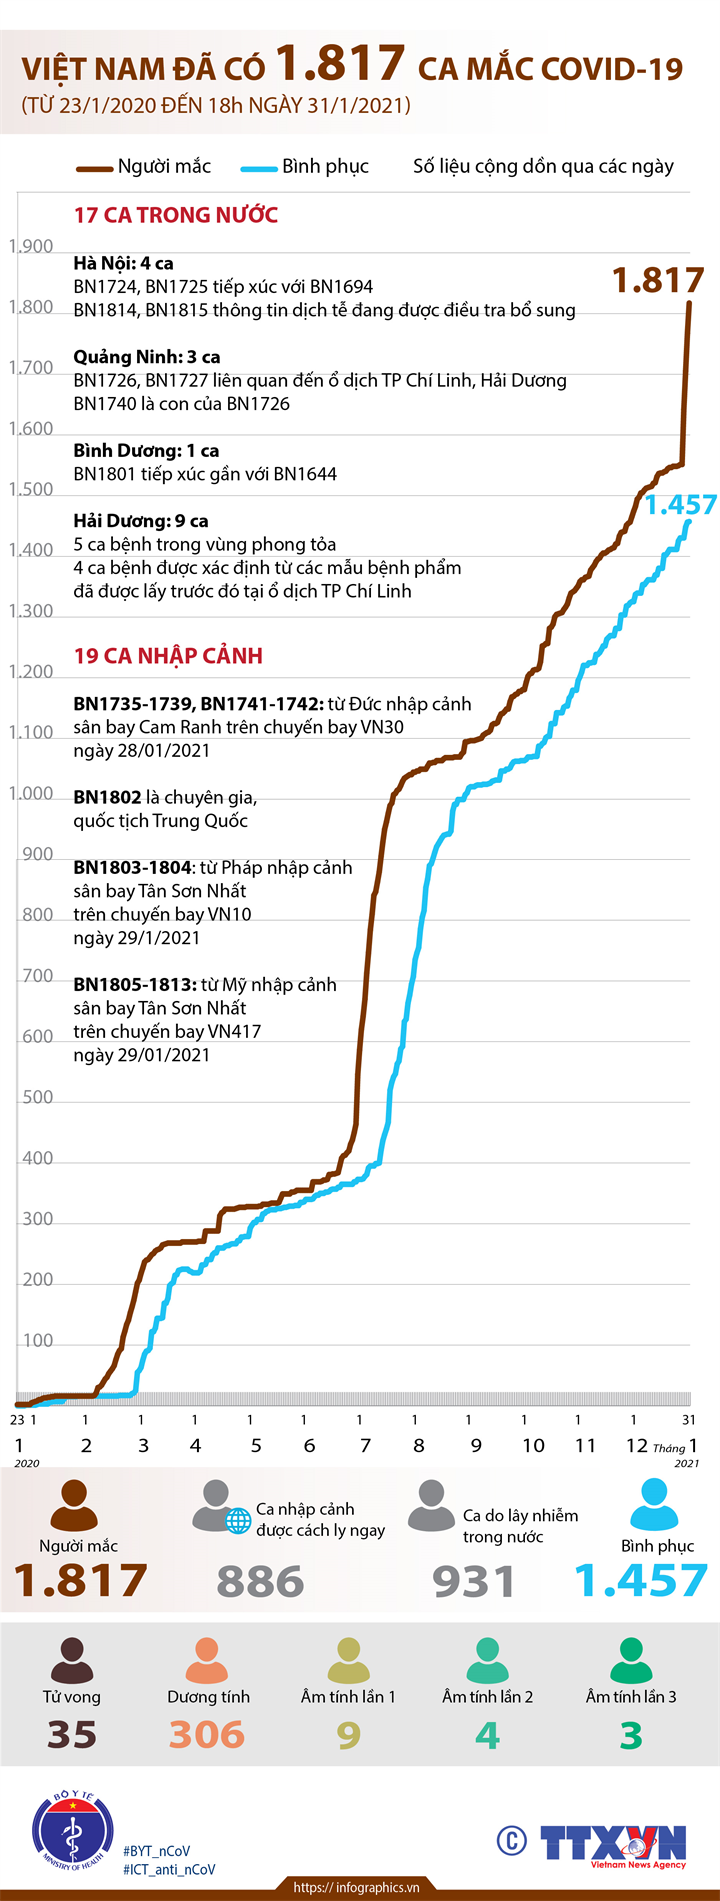 Việt Nam đã có 1.817 ca mắc COVID-19 (từ 23/1/2020 đến 18h ngày 31/1/2021)